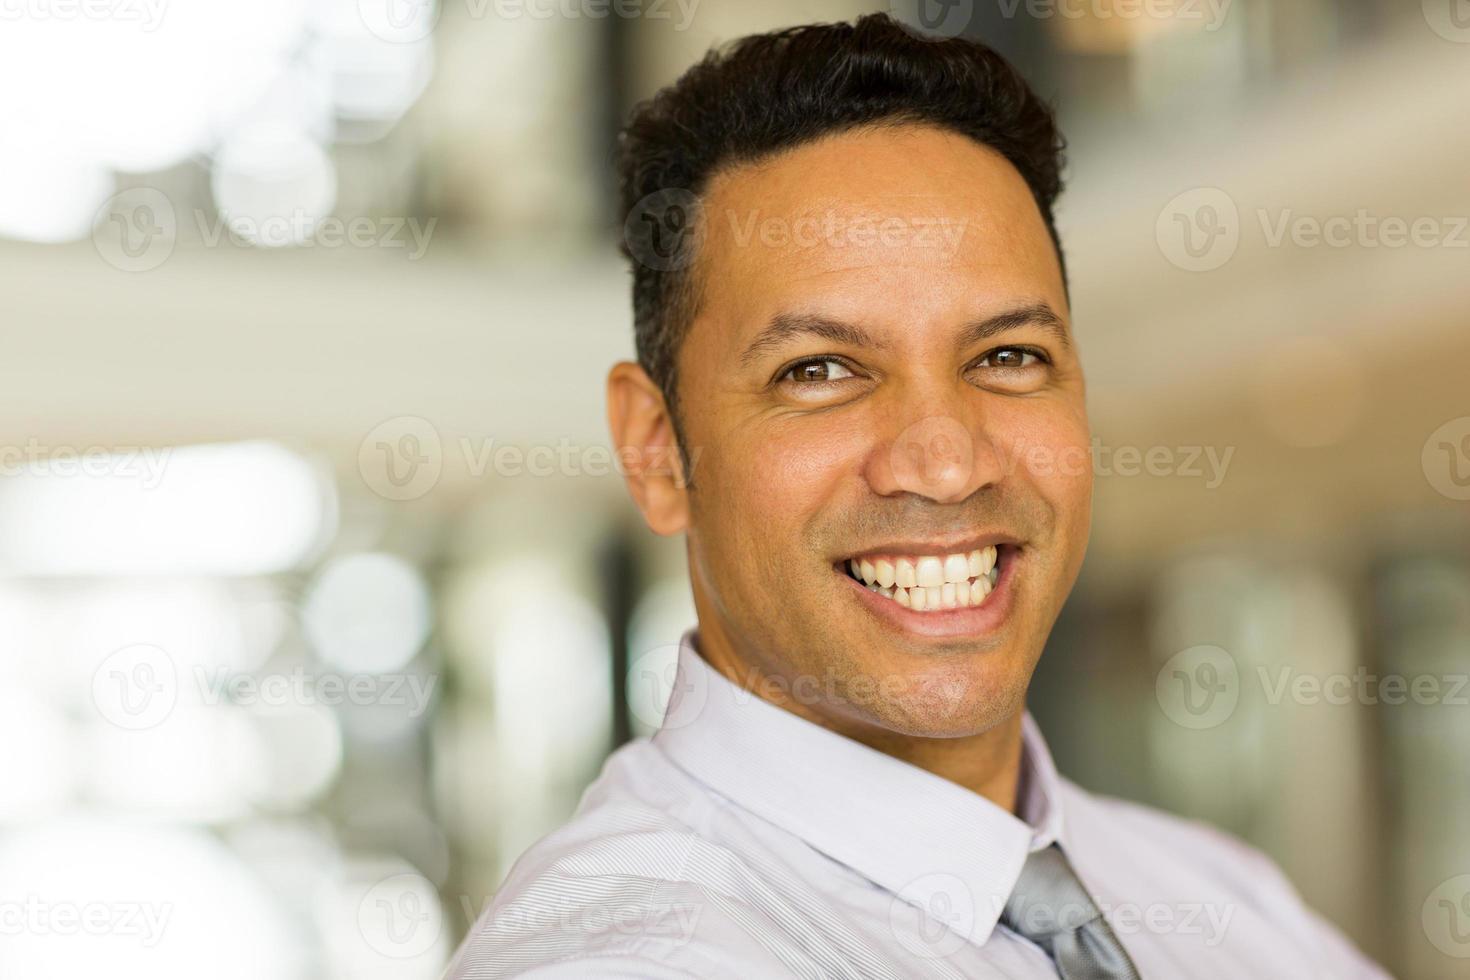 manlig företagsarbetare på nära håll foto